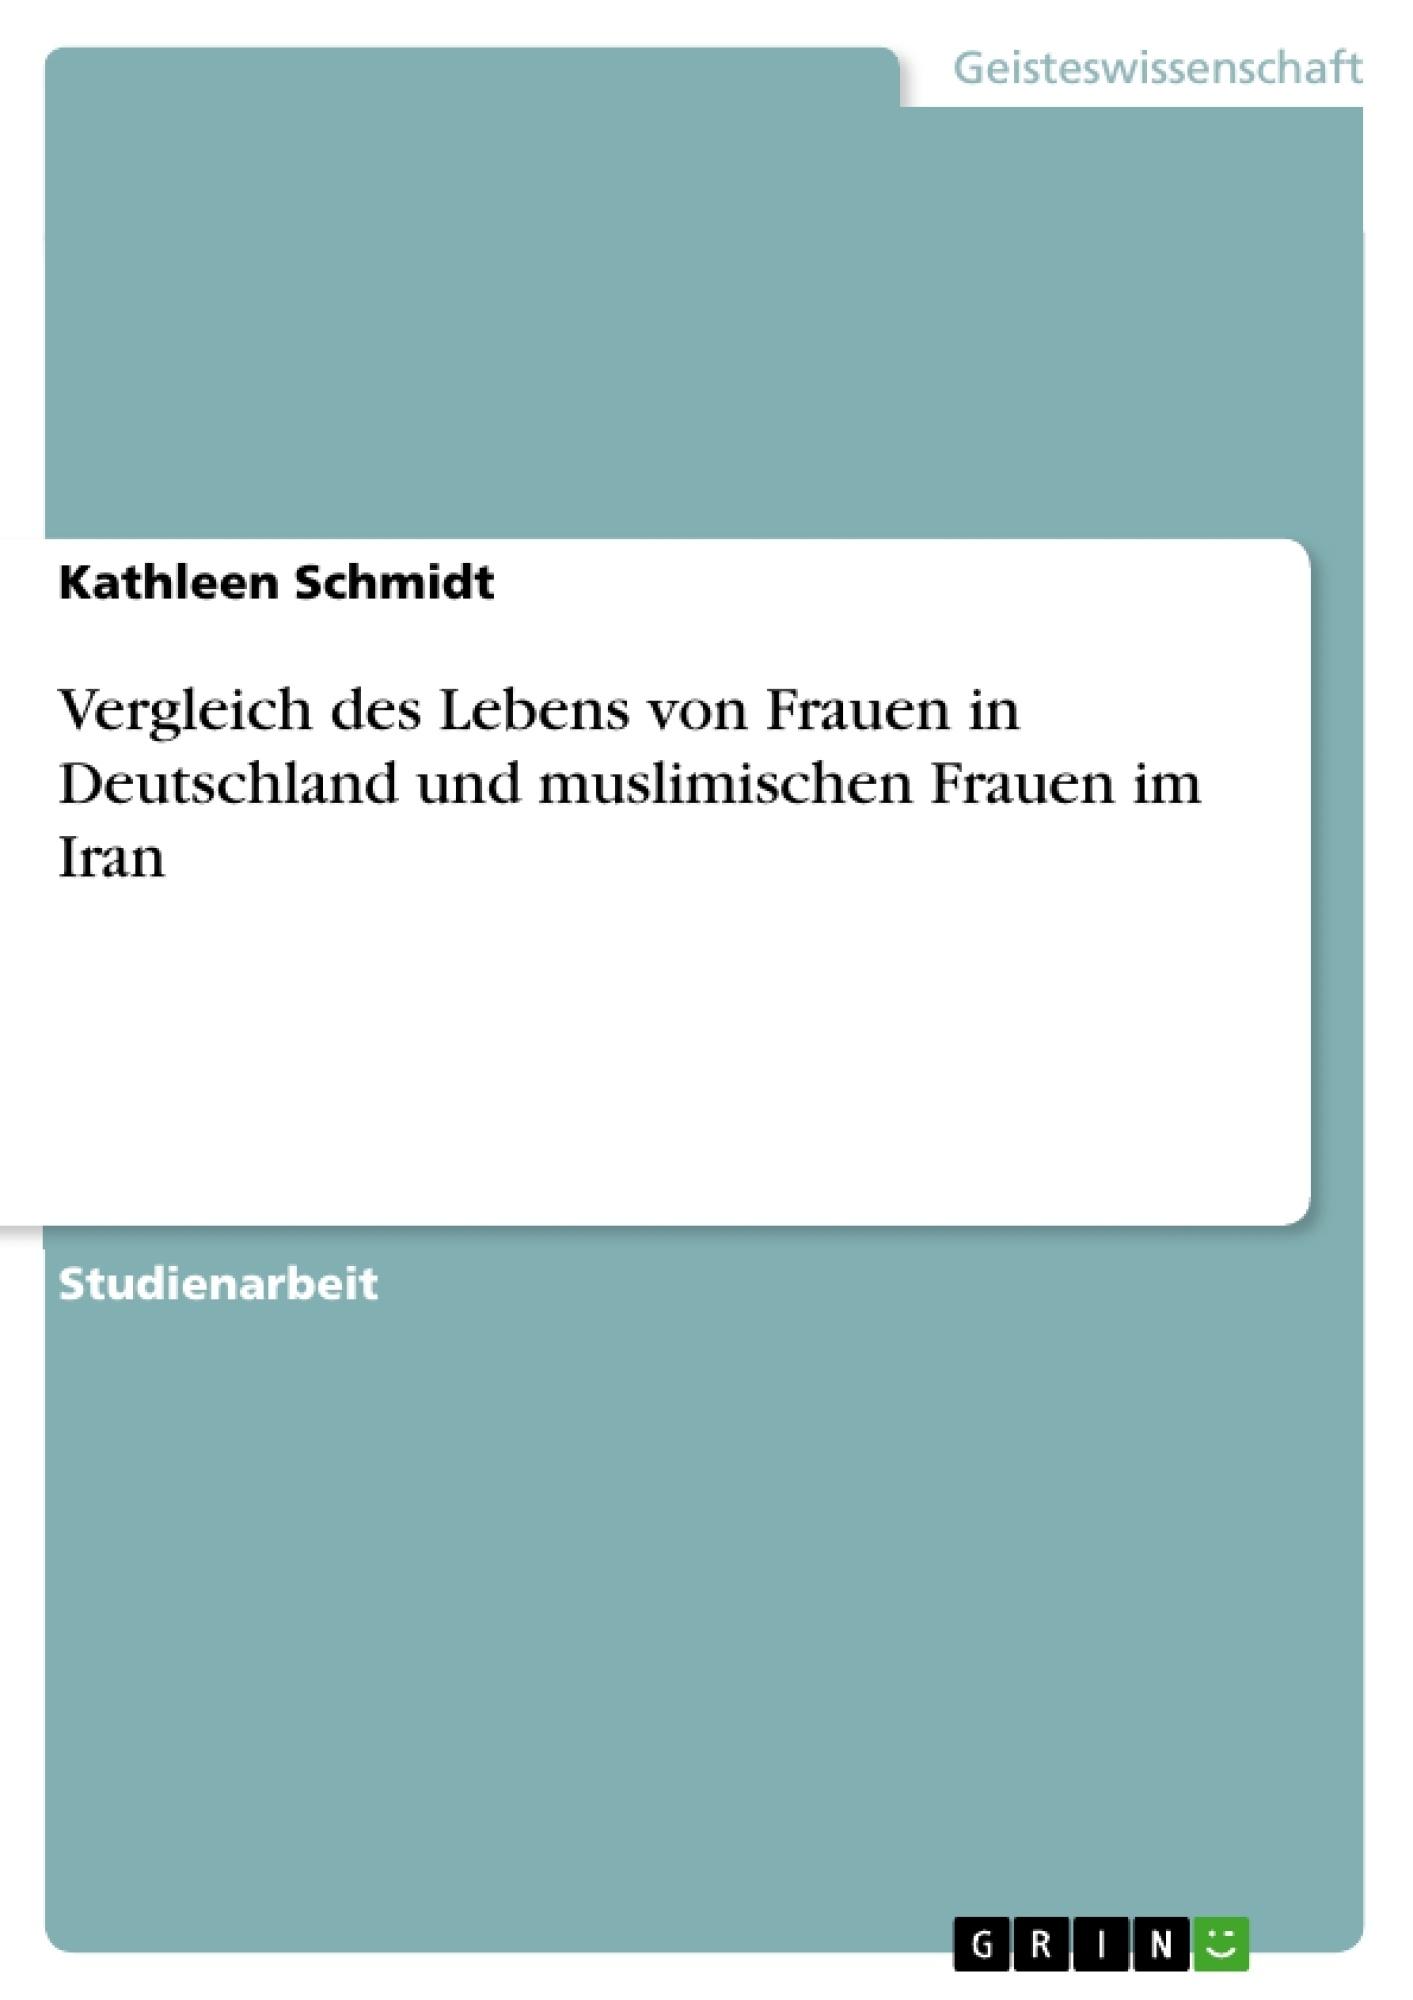 Titel: Vergleich des Lebens von Frauen in Deutschland und muslimischen Frauen im Iran